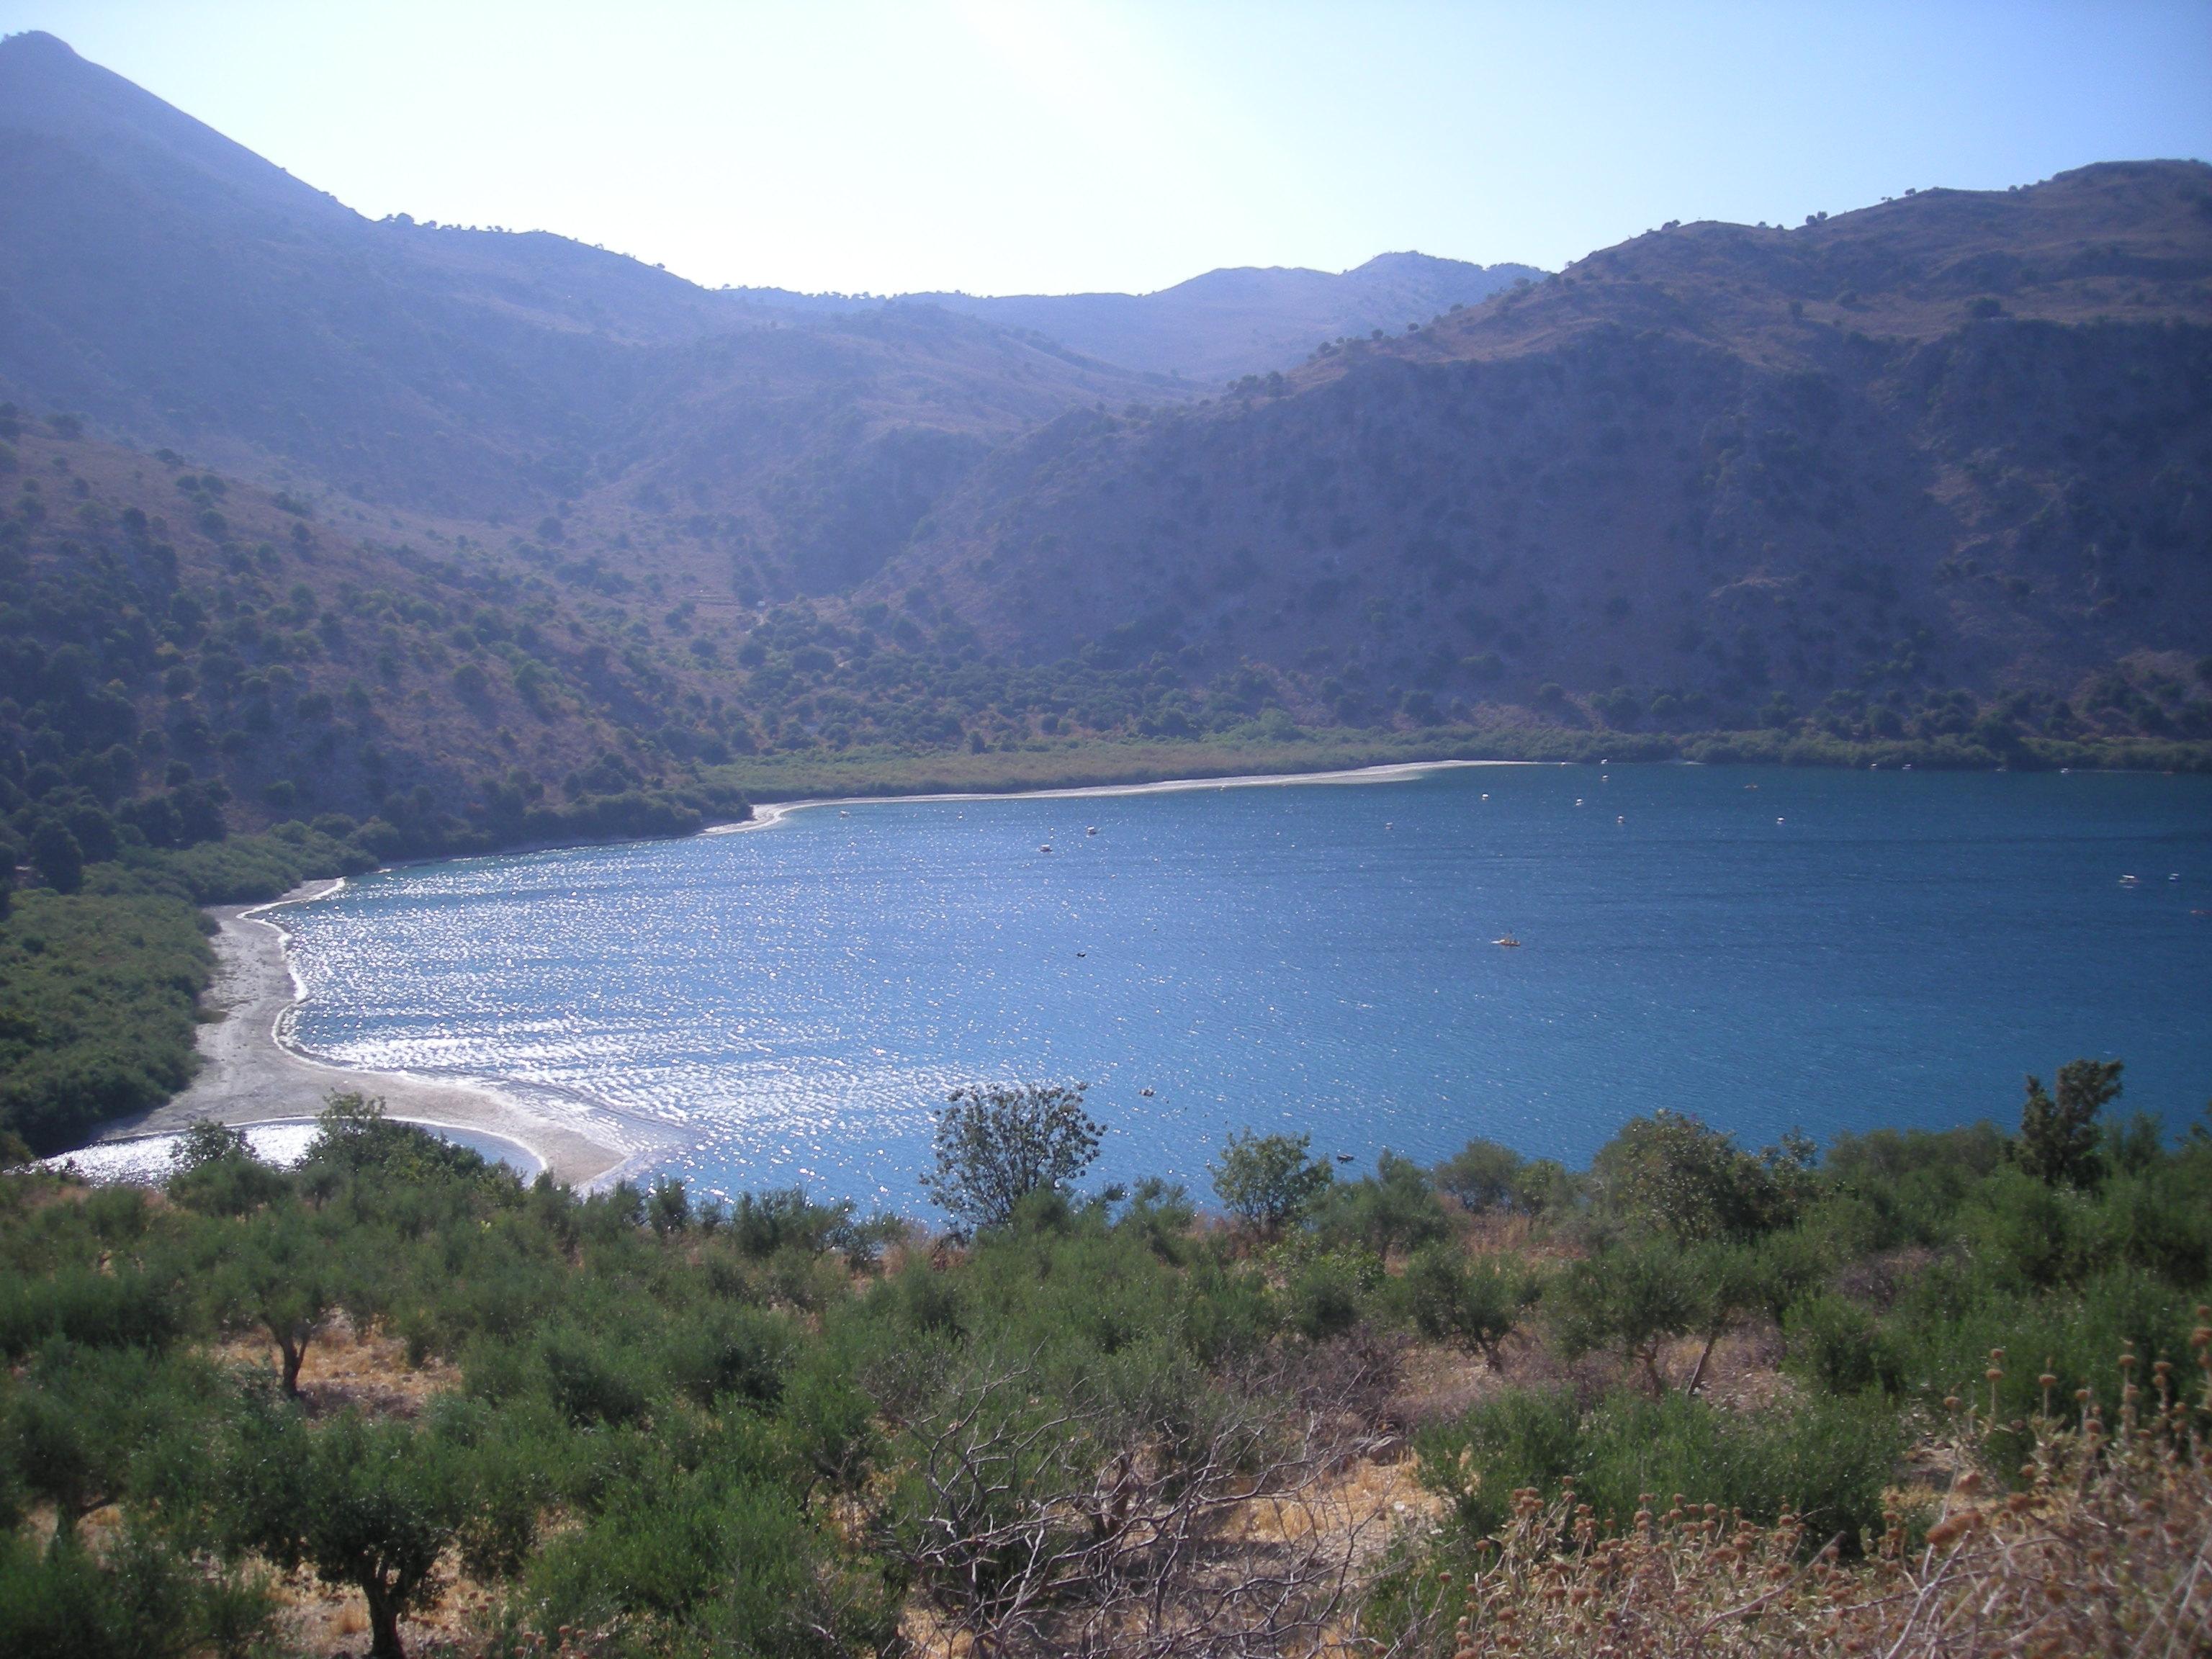 location almyrida crete